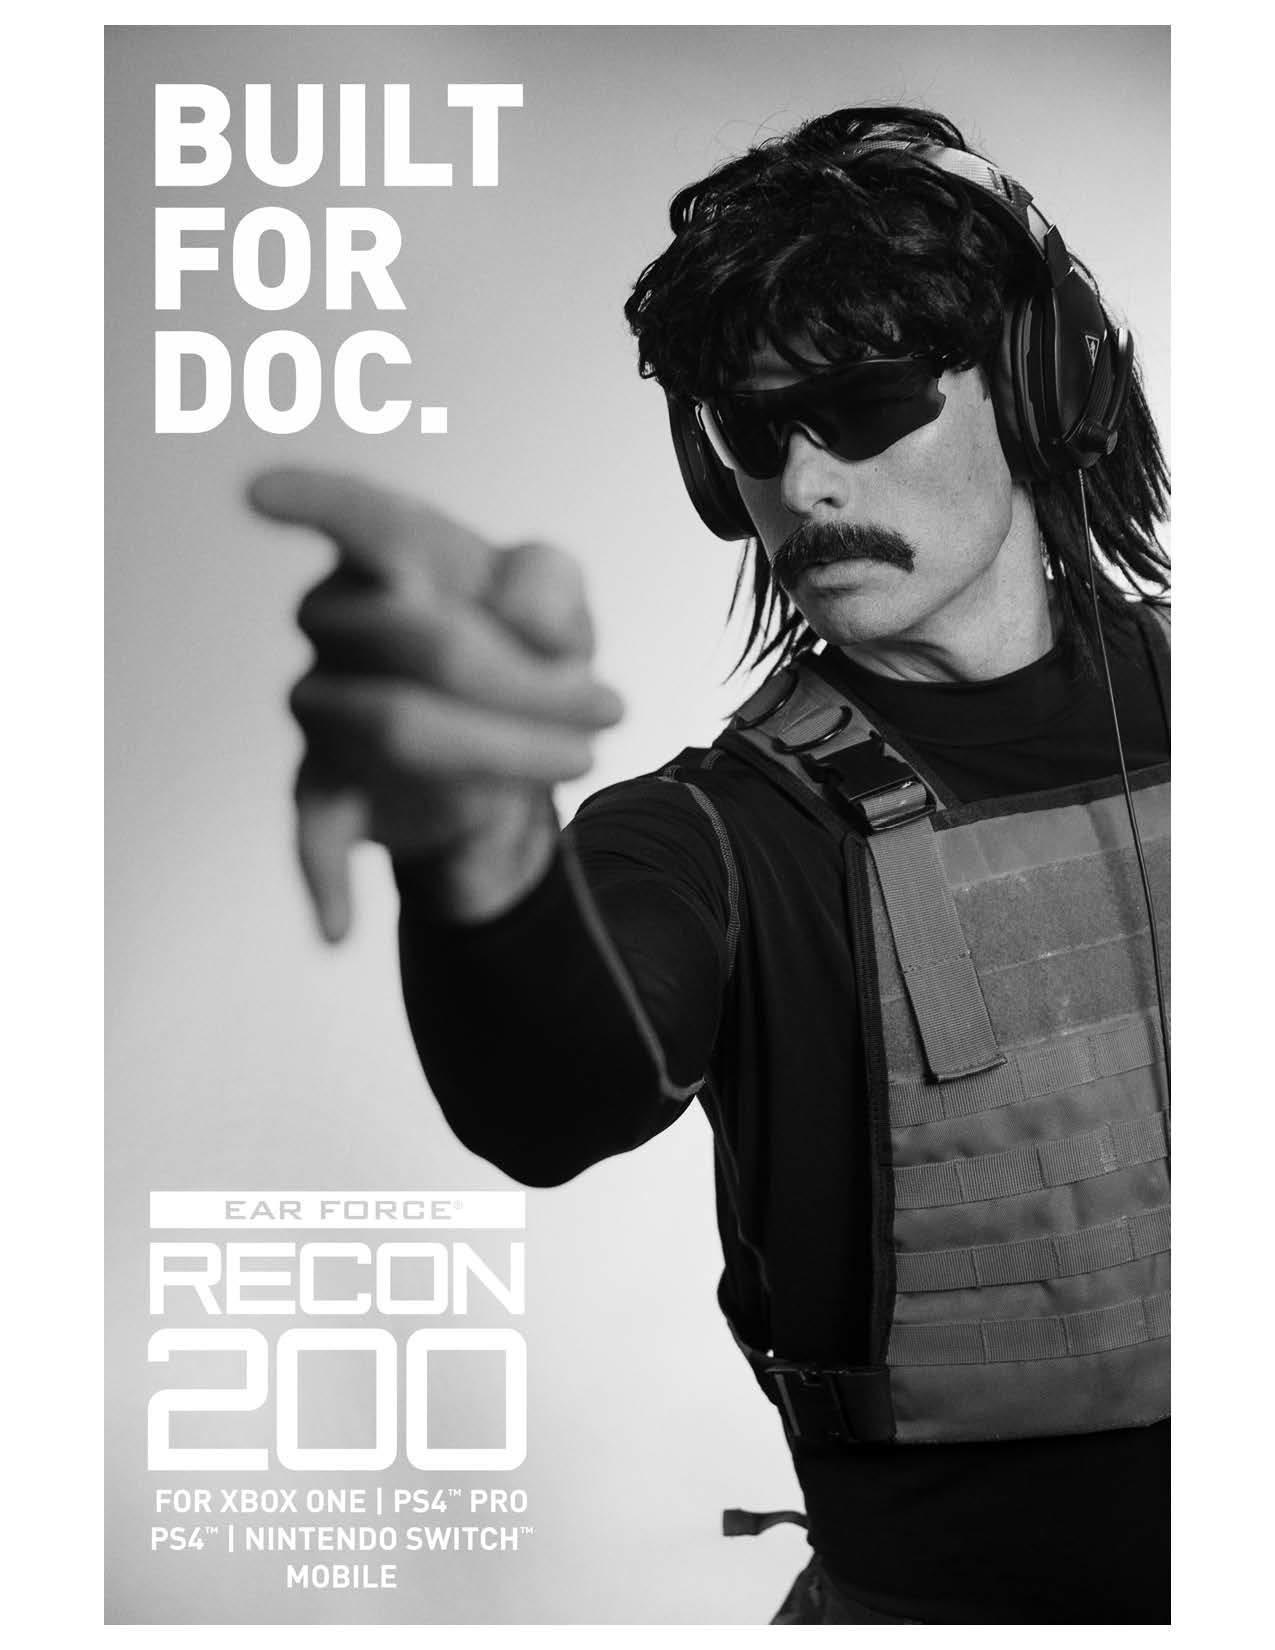 Recon 200 et le doc